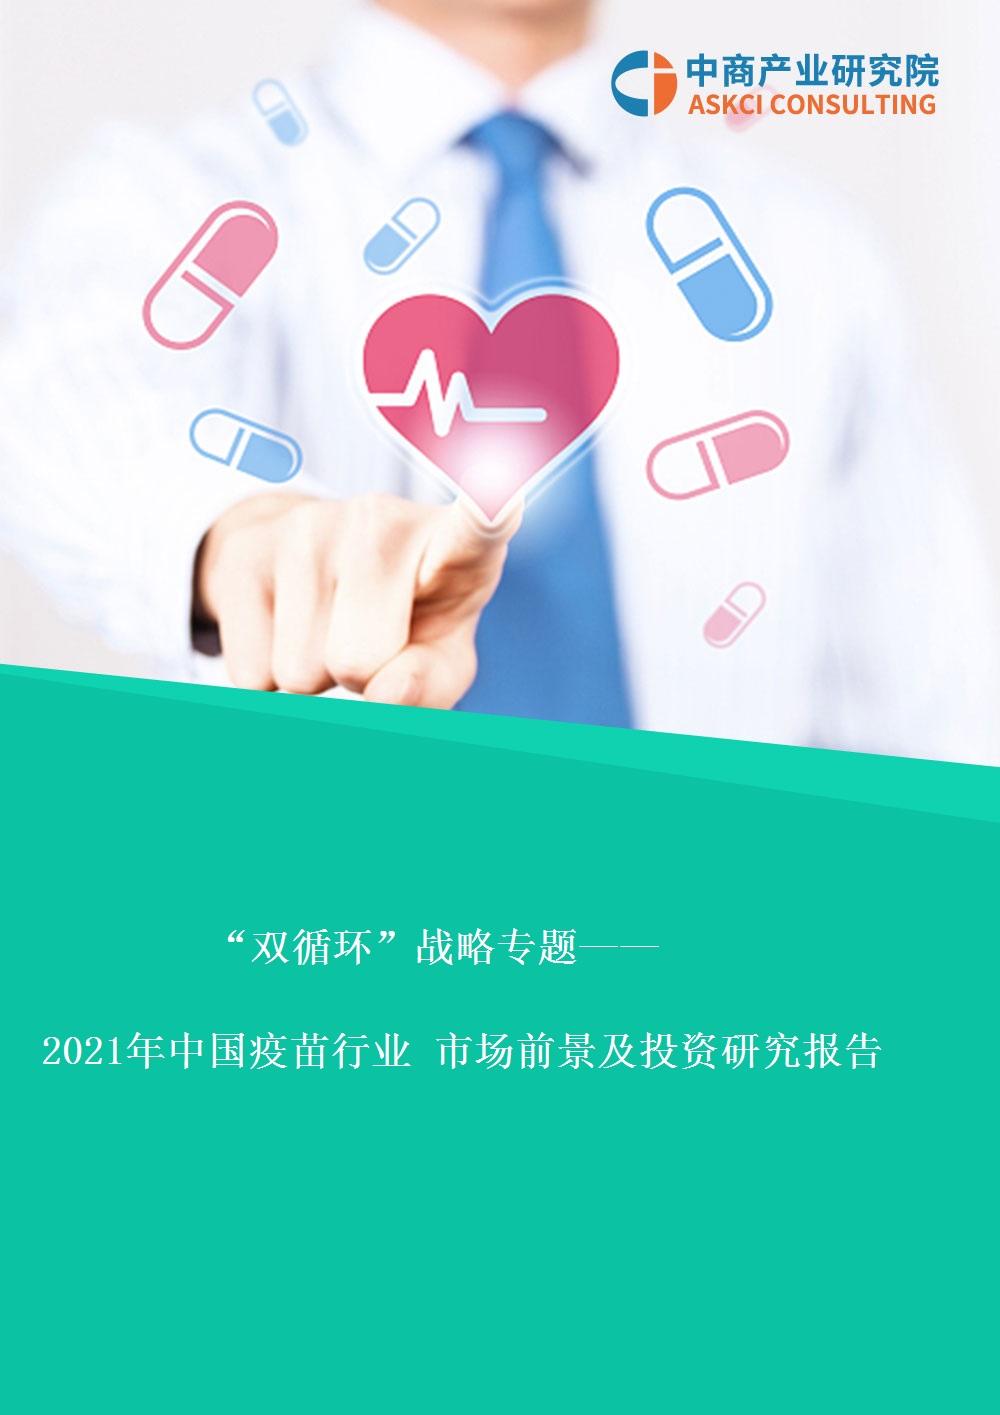 """""""双循环""""战略专题—— 2021年中国疫苗行业市场前景及投资研究报告"""